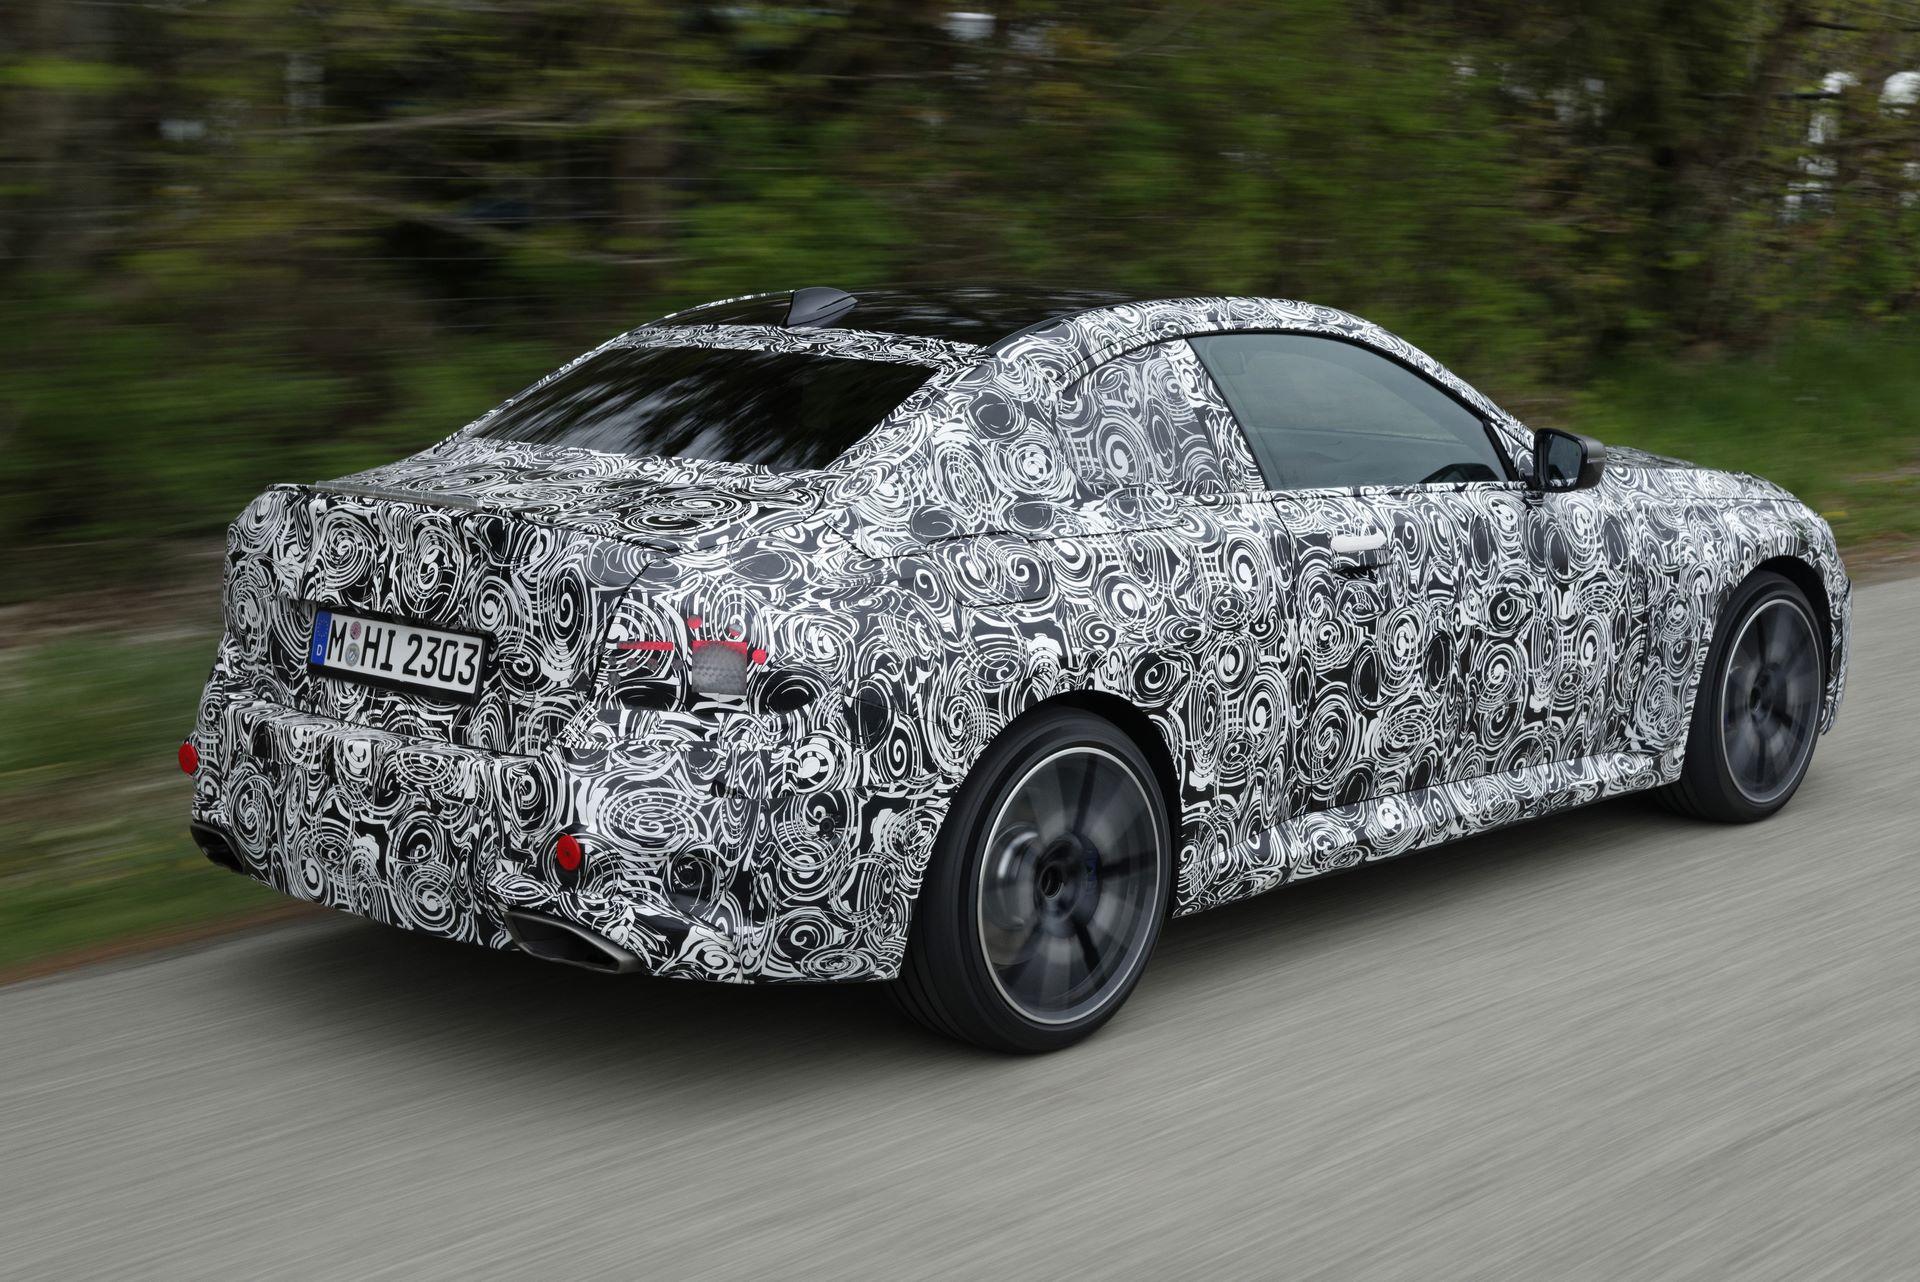 BMW-2-Series-M240i-spy-photos-95